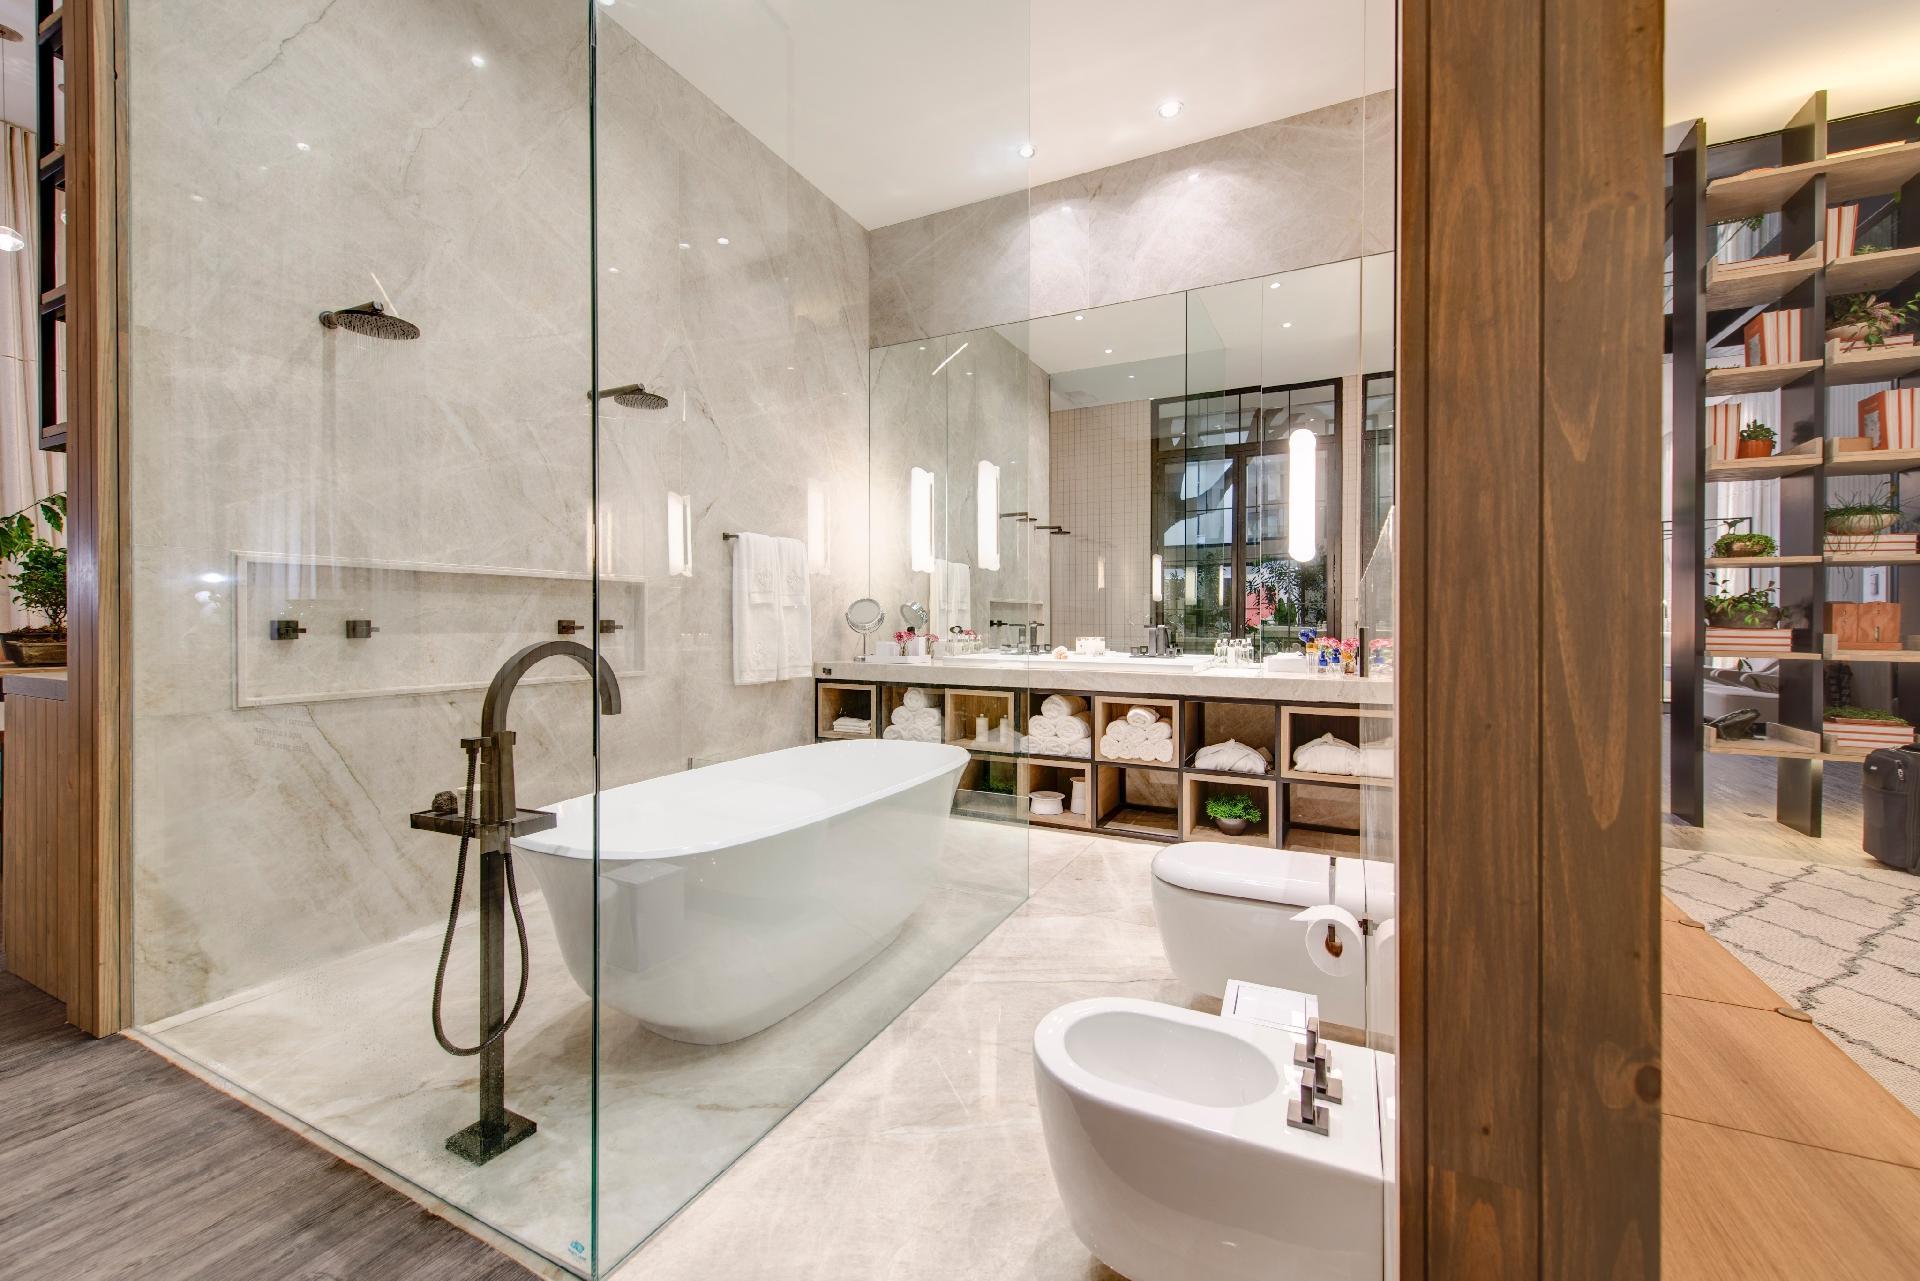 de vidro: confortável a área de banho conta com banheira e duas #905F3B 1920 1281